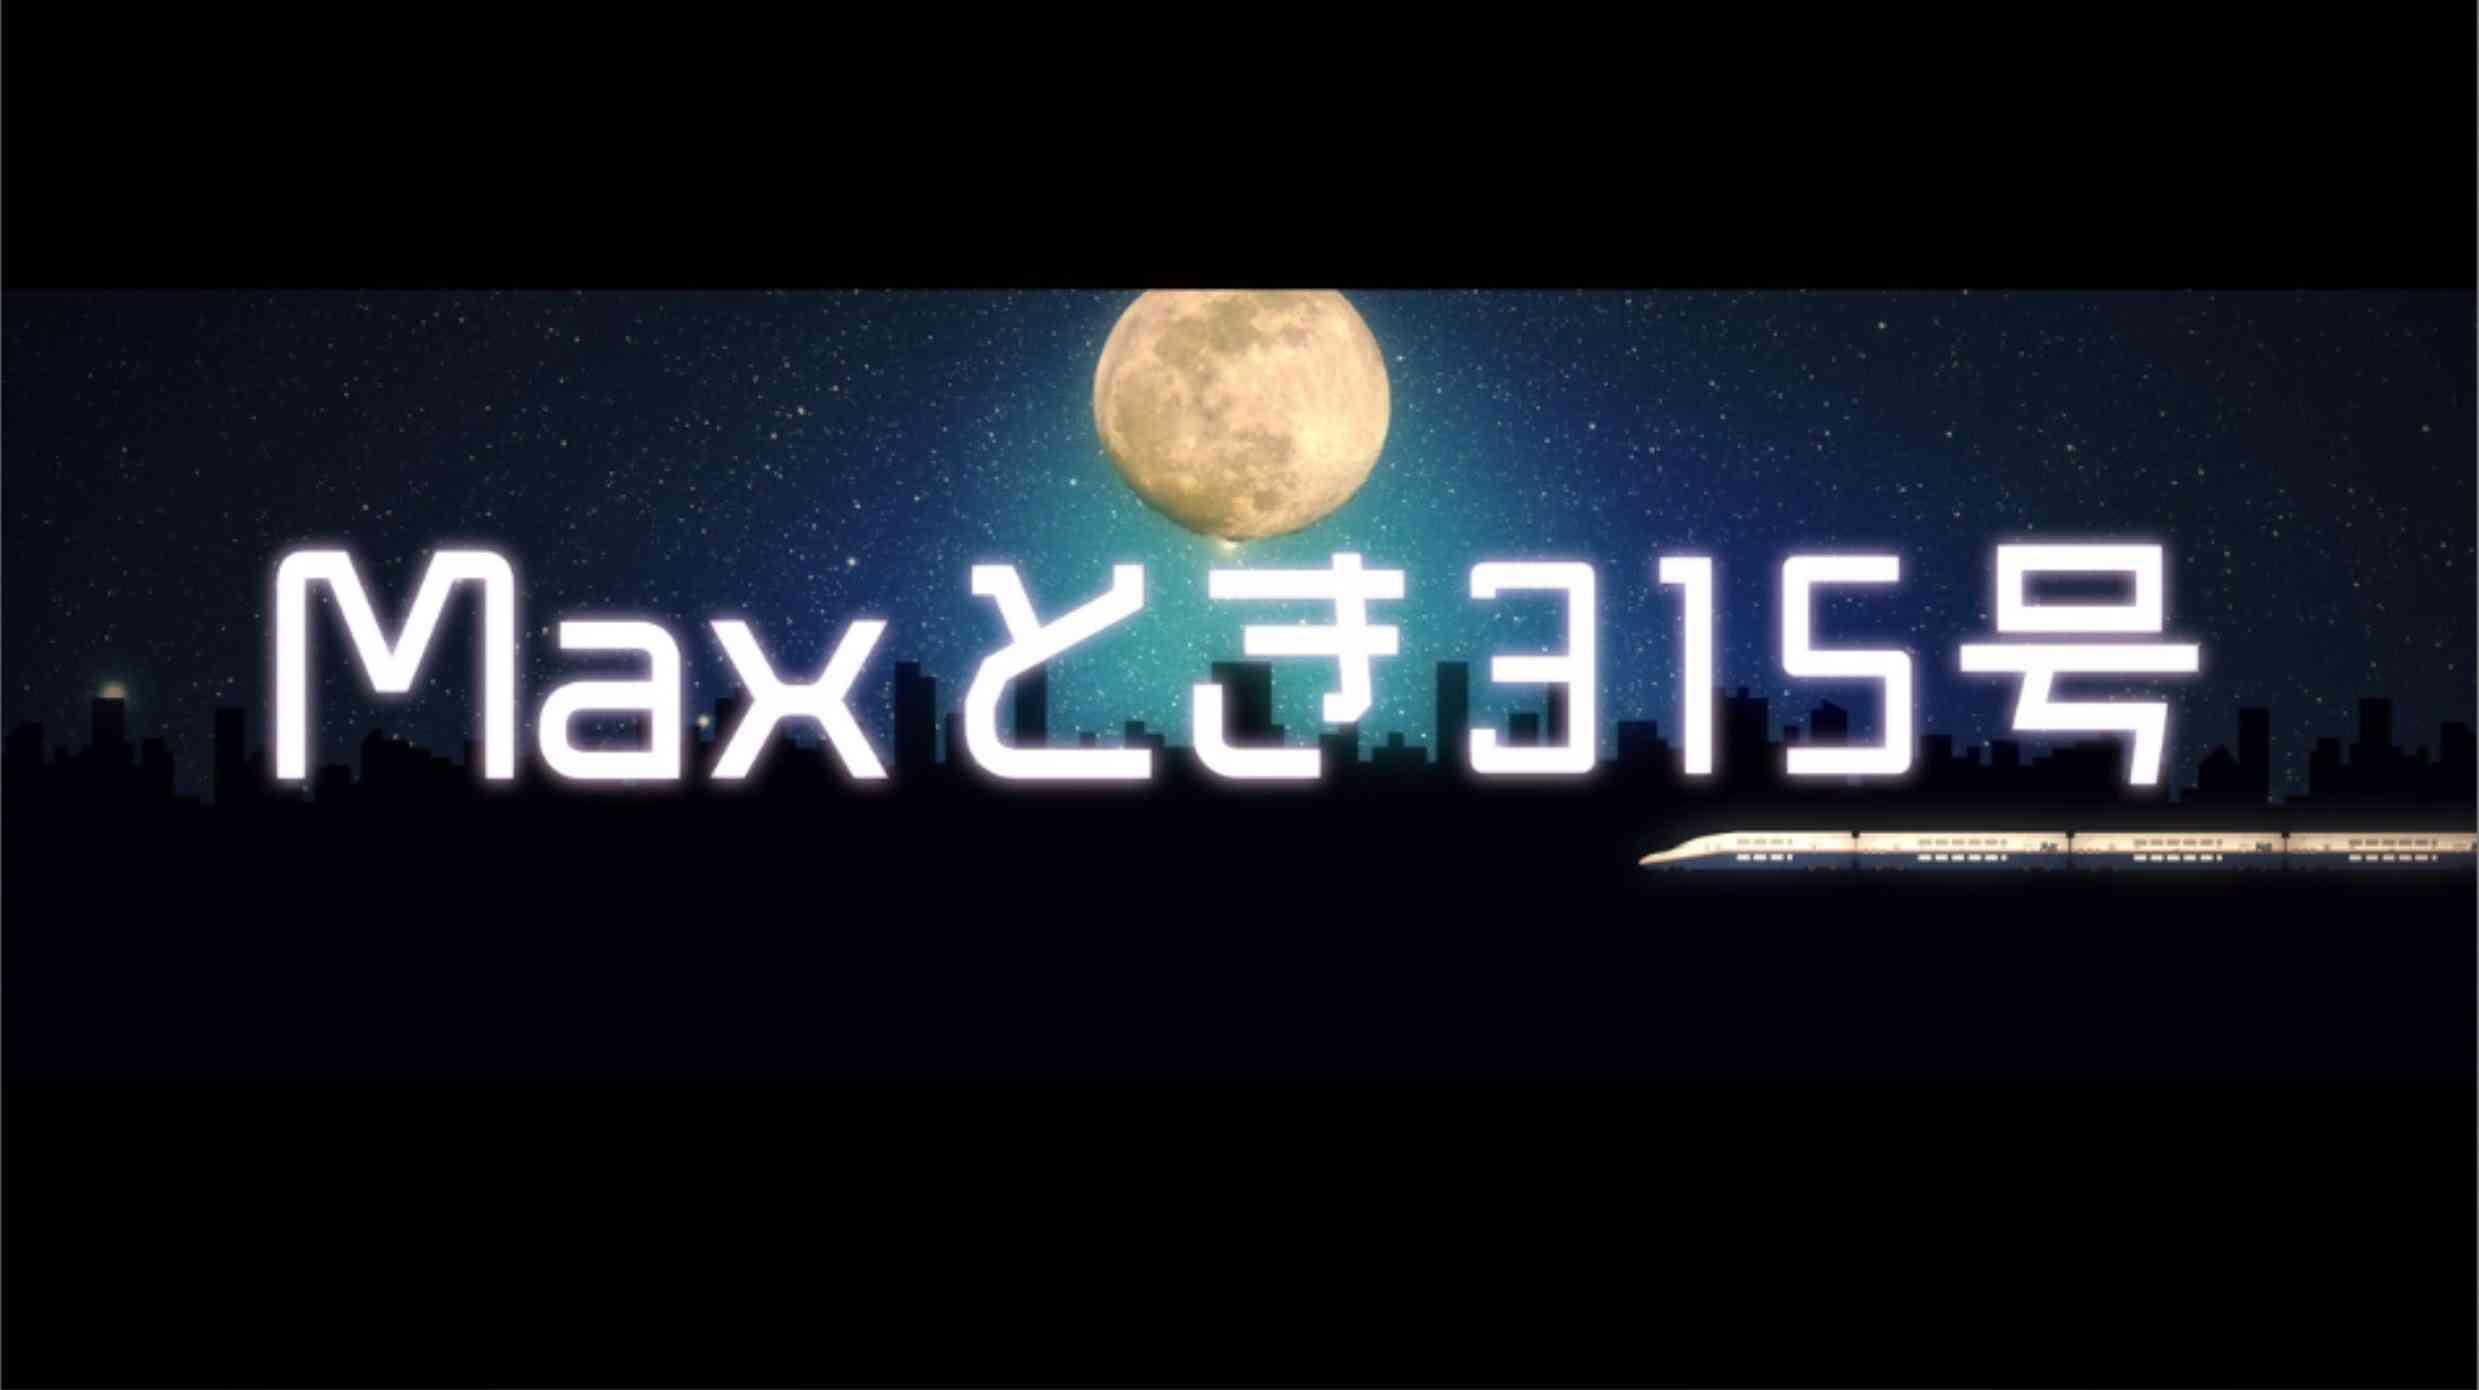 チームNIII 2nd「パジャマドライブ」での「Maxとき315号」新映像演出公開 / NGT48[公式] - YouTube